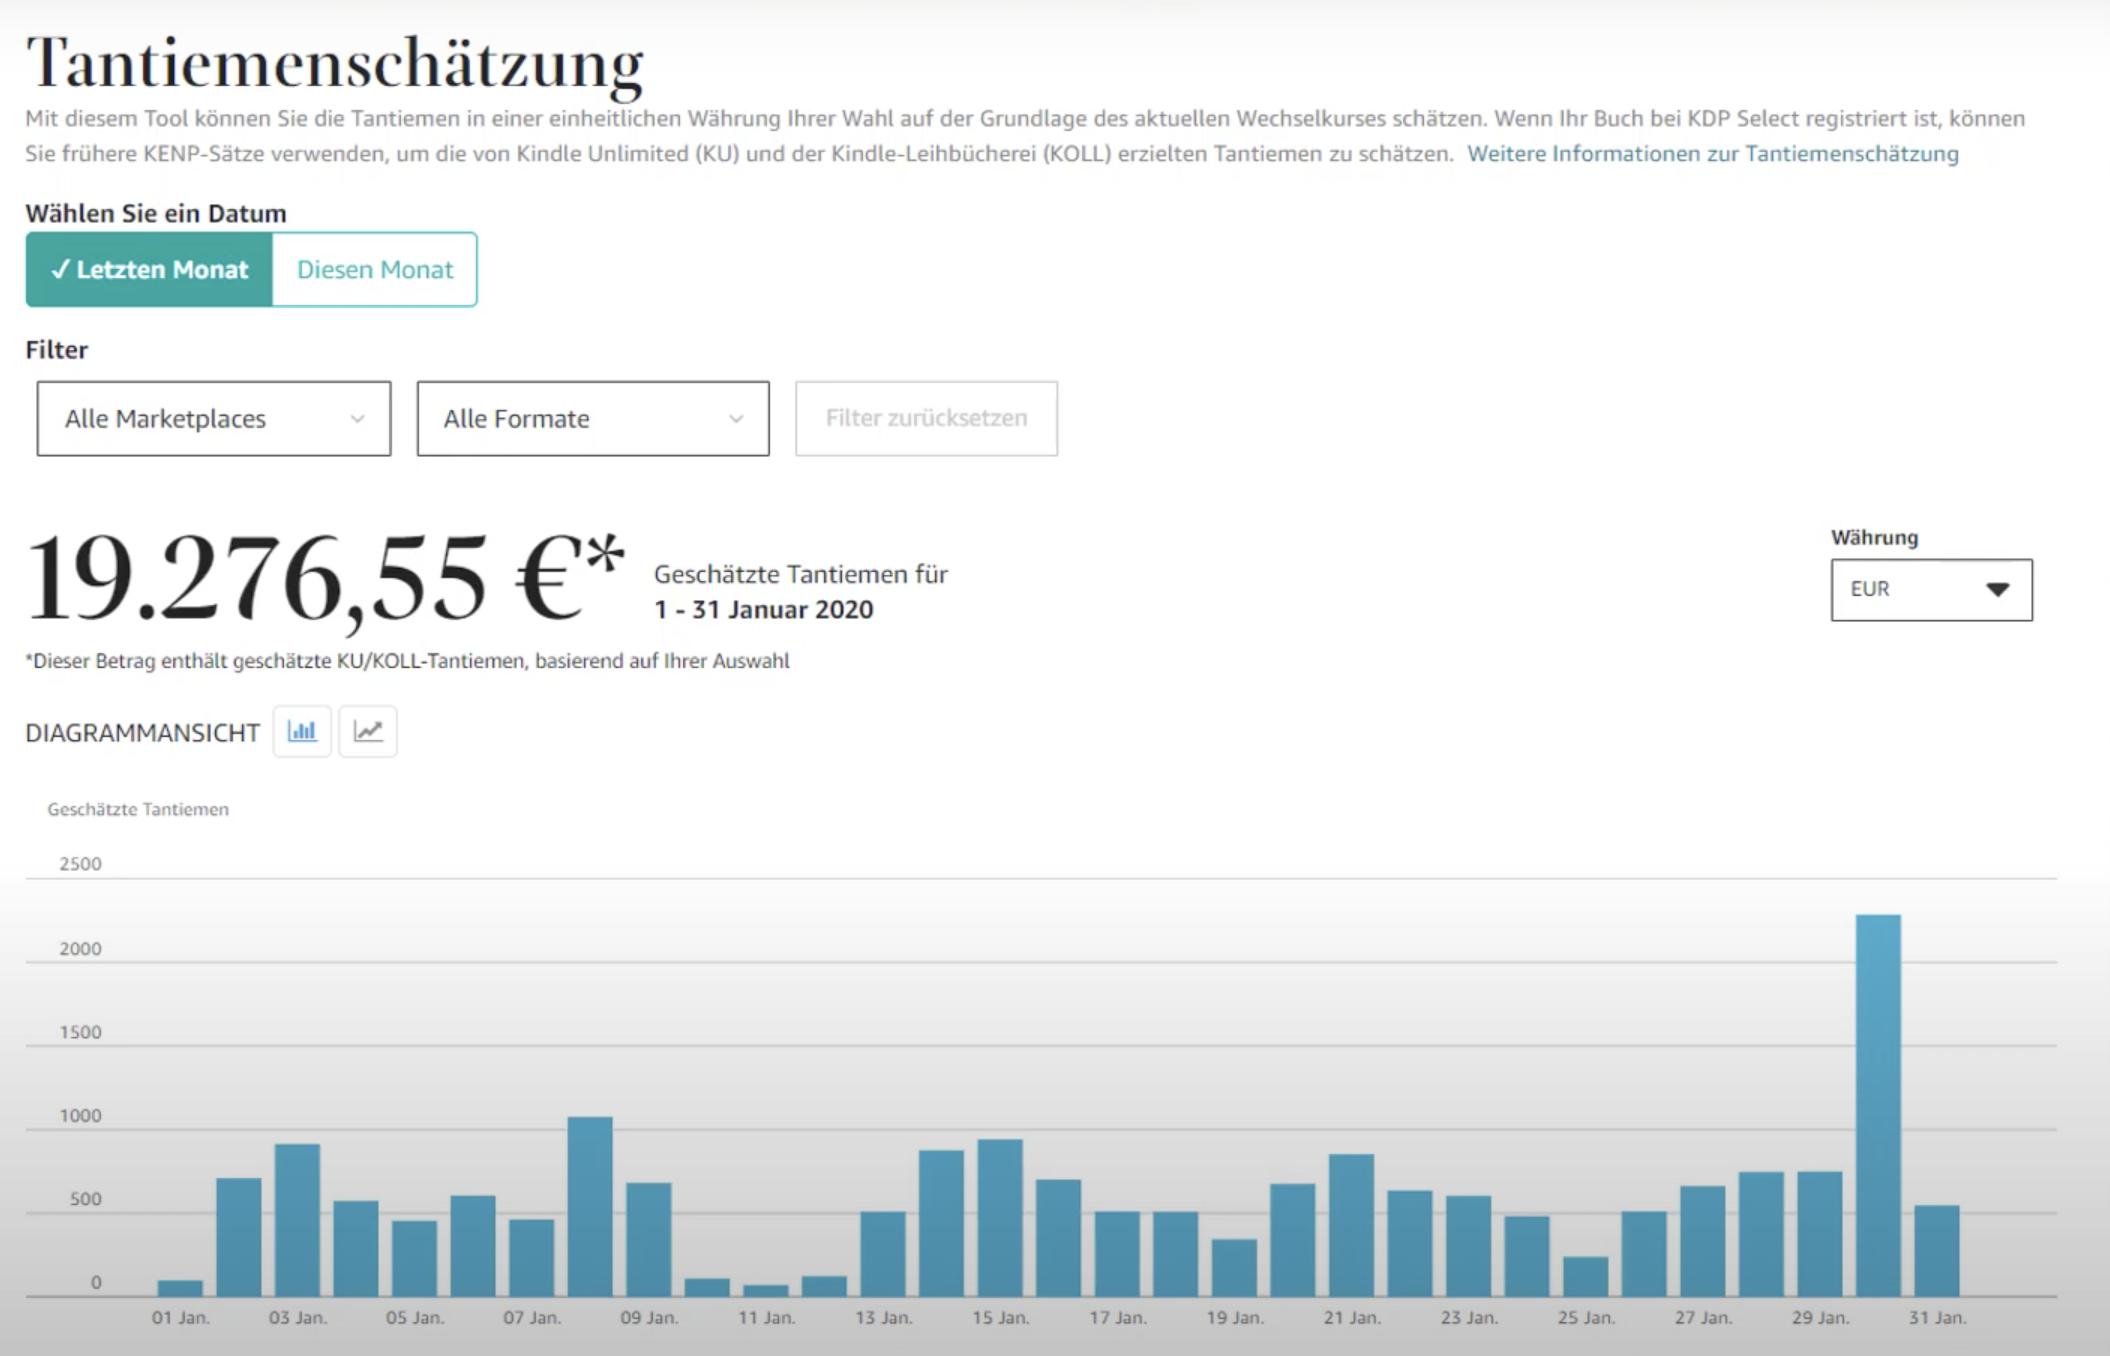 Geld verdienen mit eBooks: Das ist möglich! Bild von Einnahmen-Dashboard: 19.276,55€